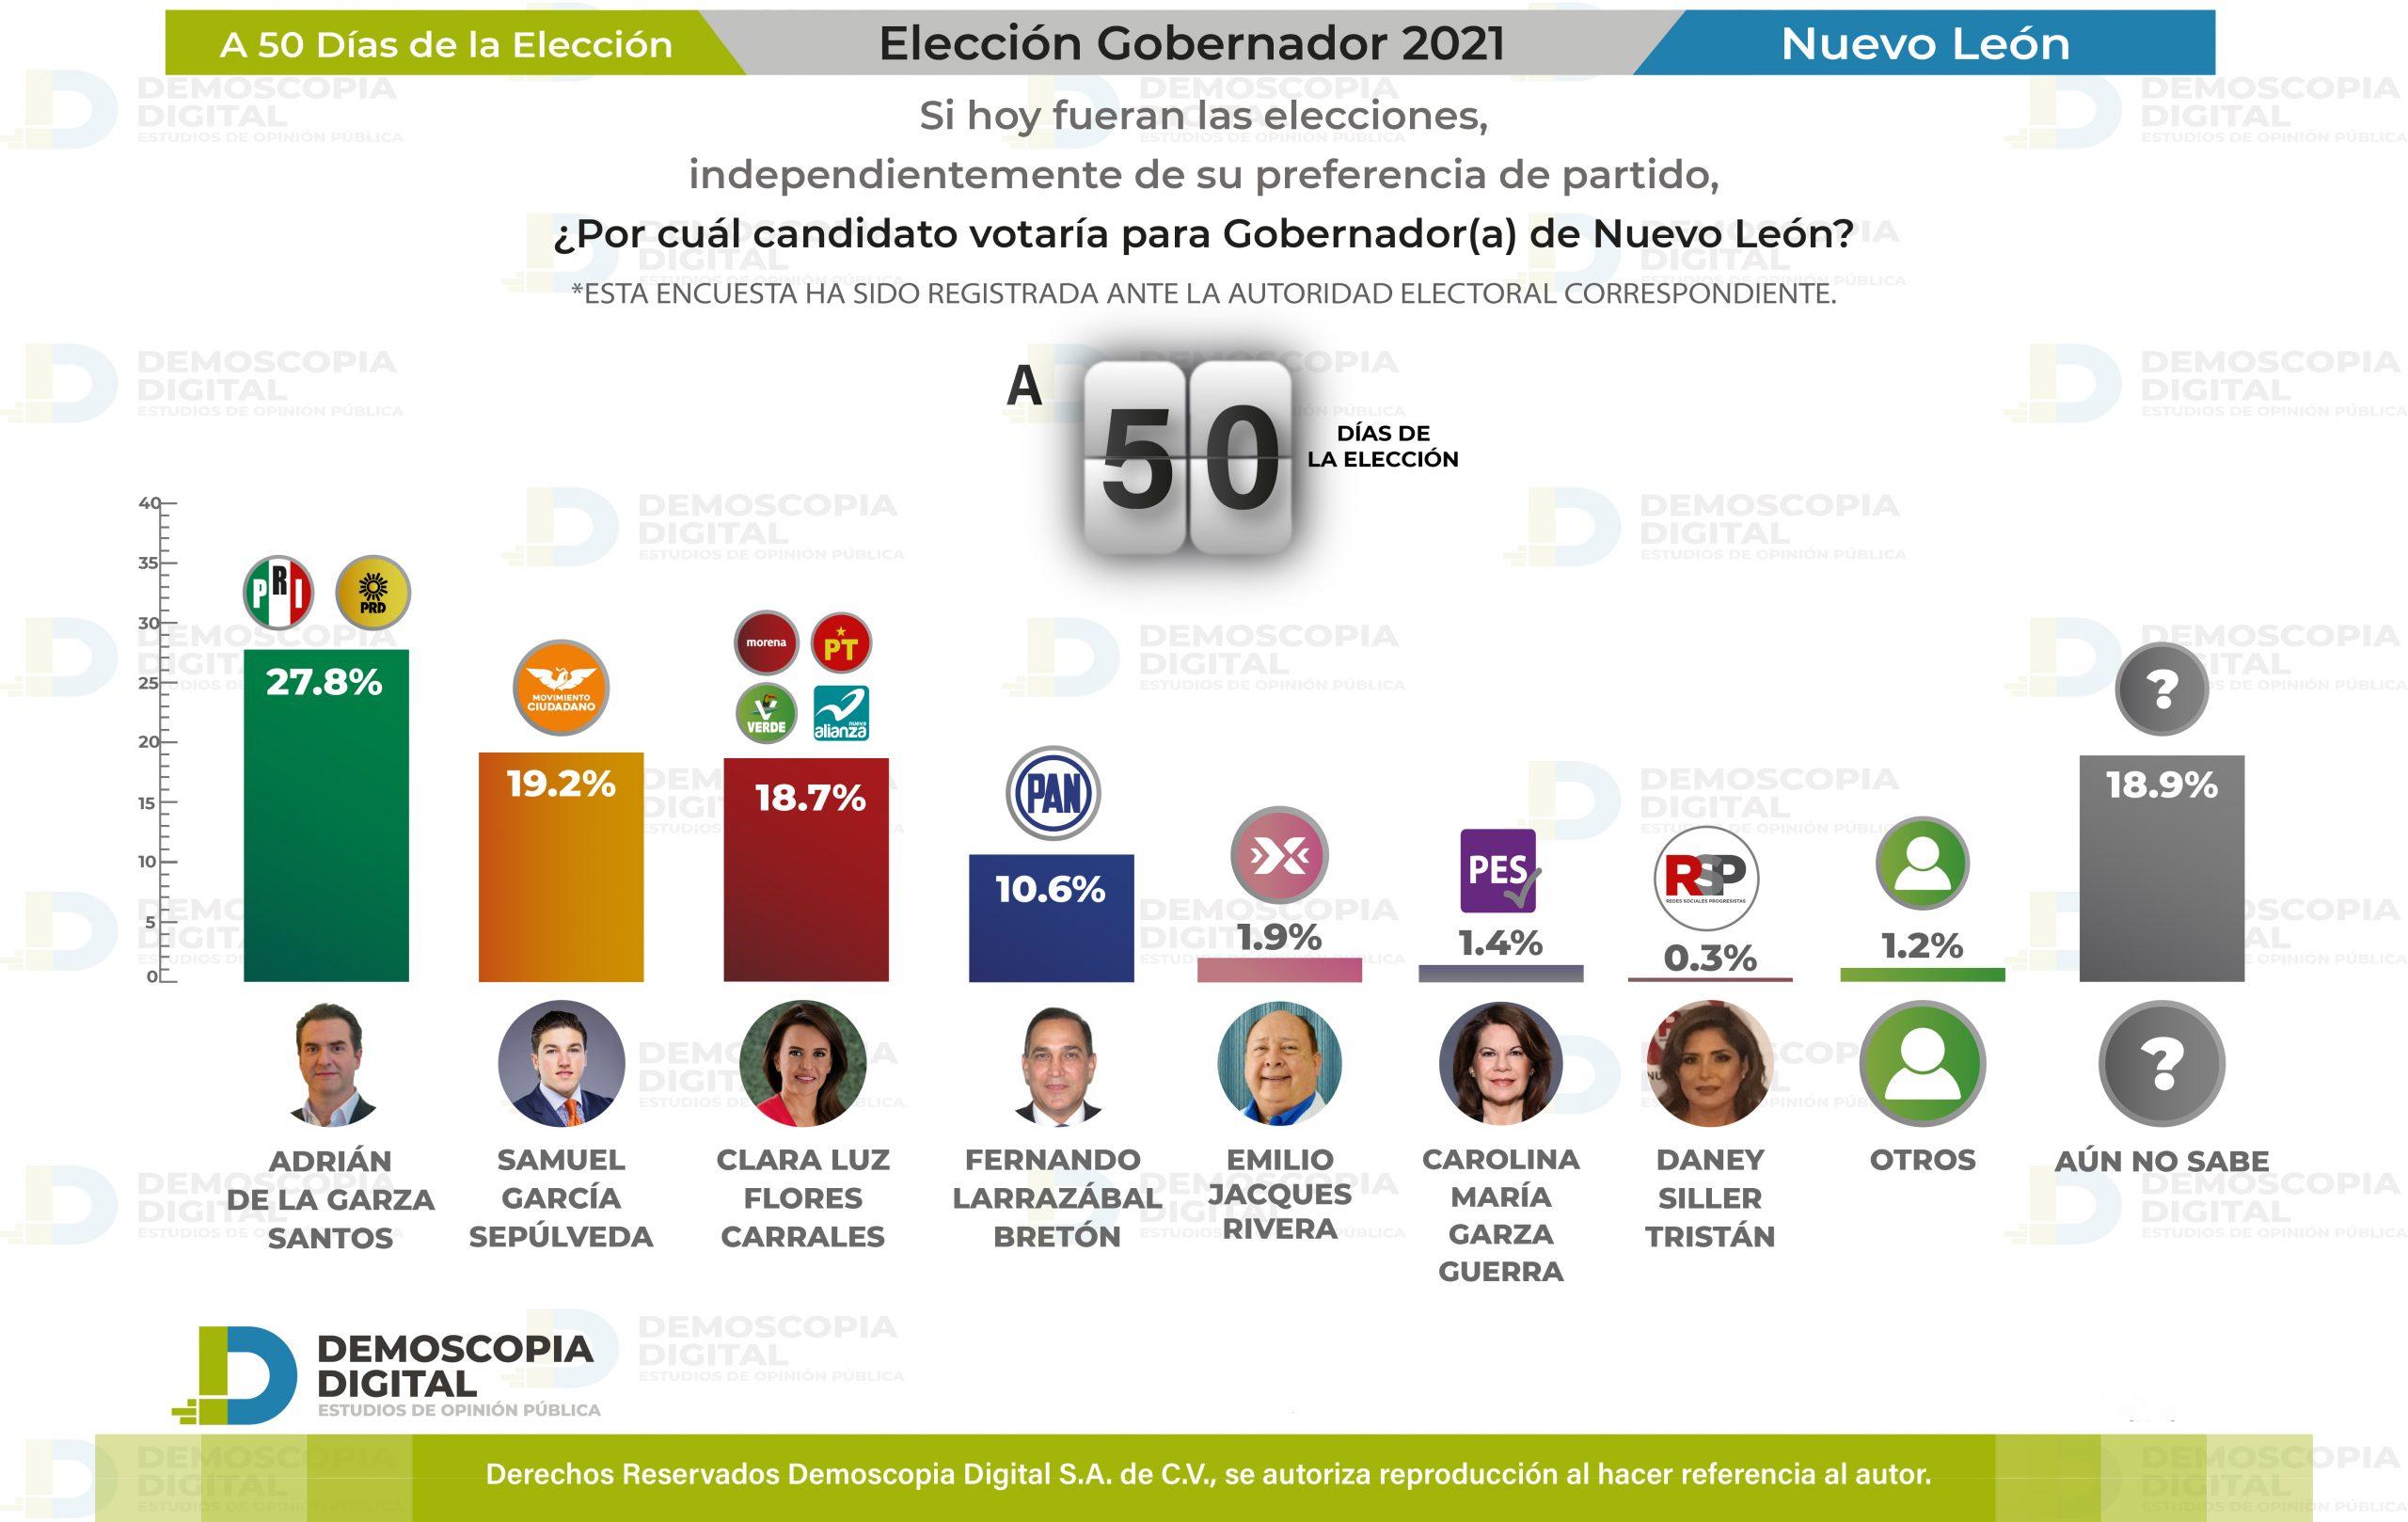 Cómoda ventaja de Adrián de la Garza a 50 días de las Elecciones